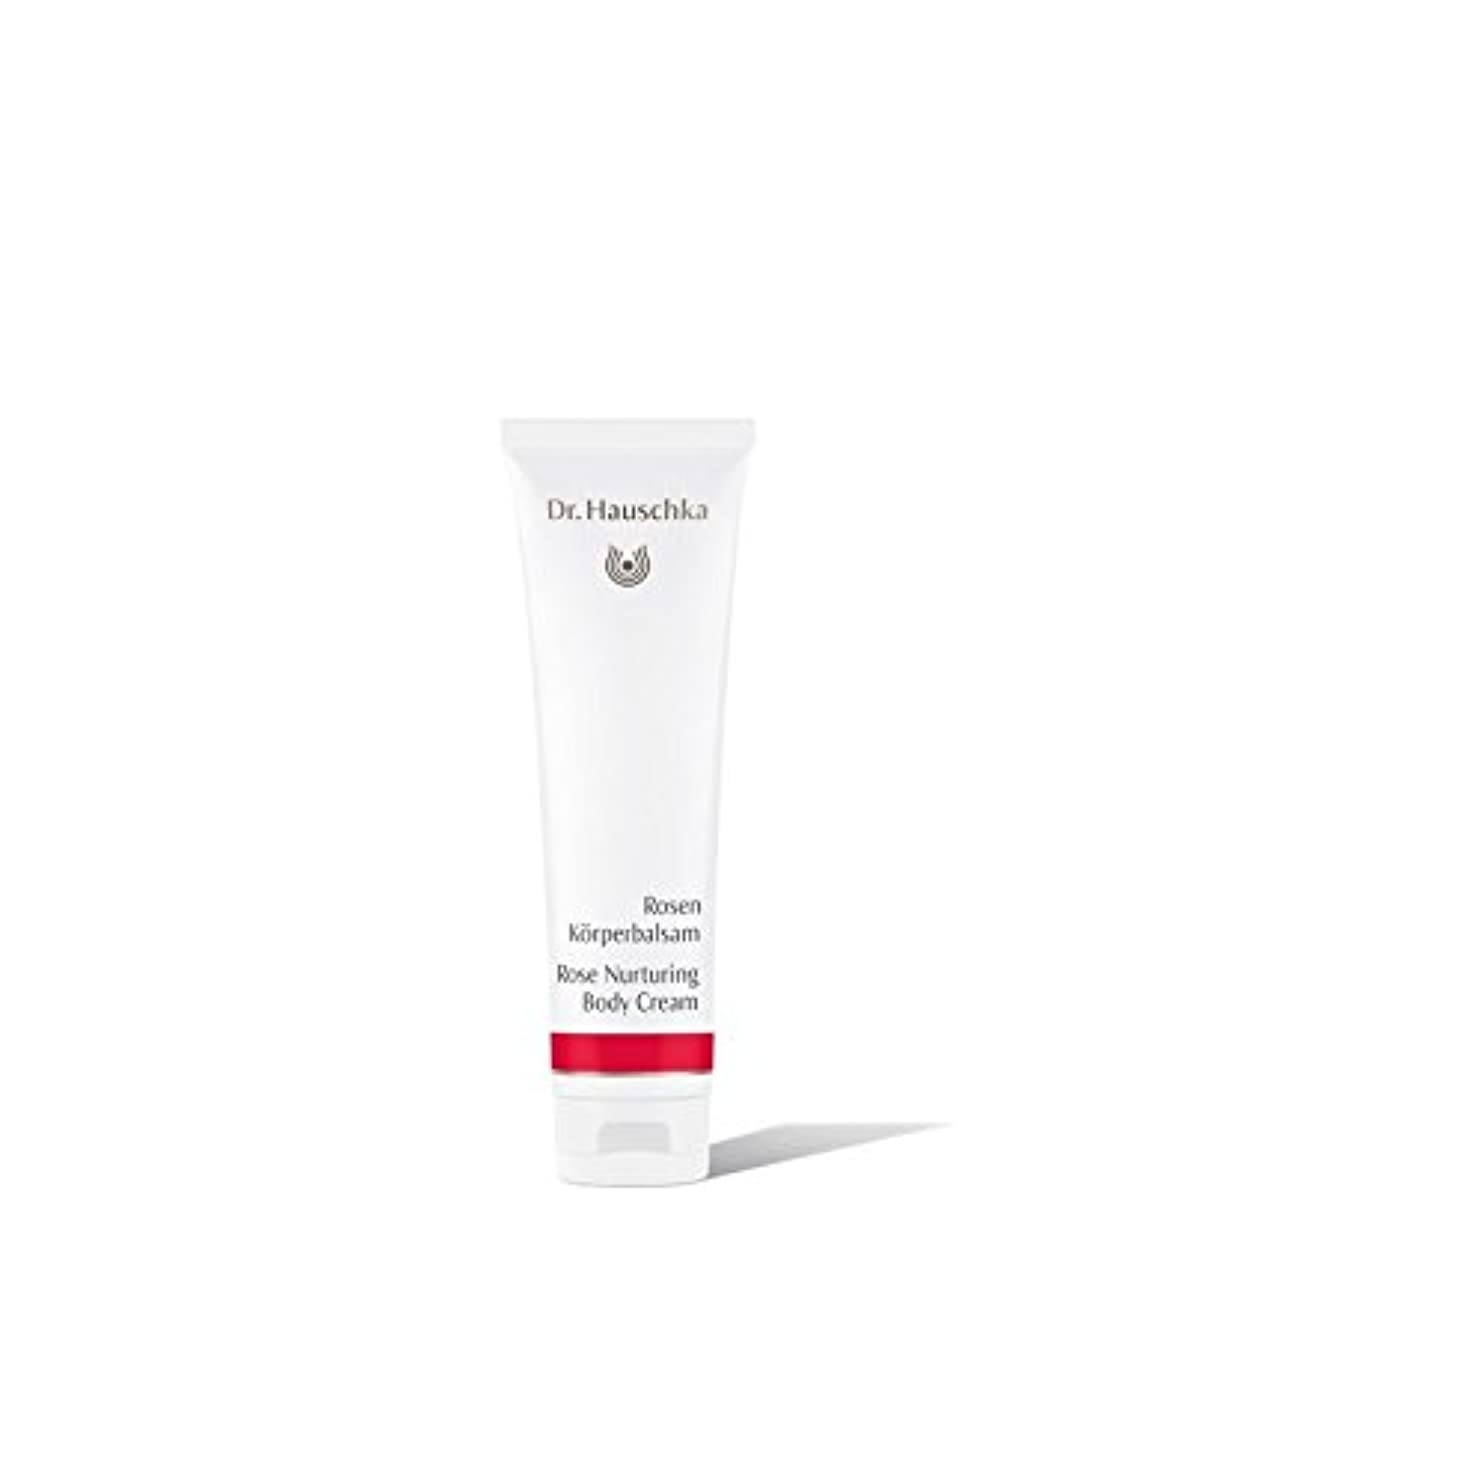 モンゴメリーオーブンパックDr. Hauschka Rose Nurturing Body Cream (145ml) (Pack of 6) - ハウシュカは、ボディクリーム(145ミリリットル)を育成バラ x6 [並行輸入品]